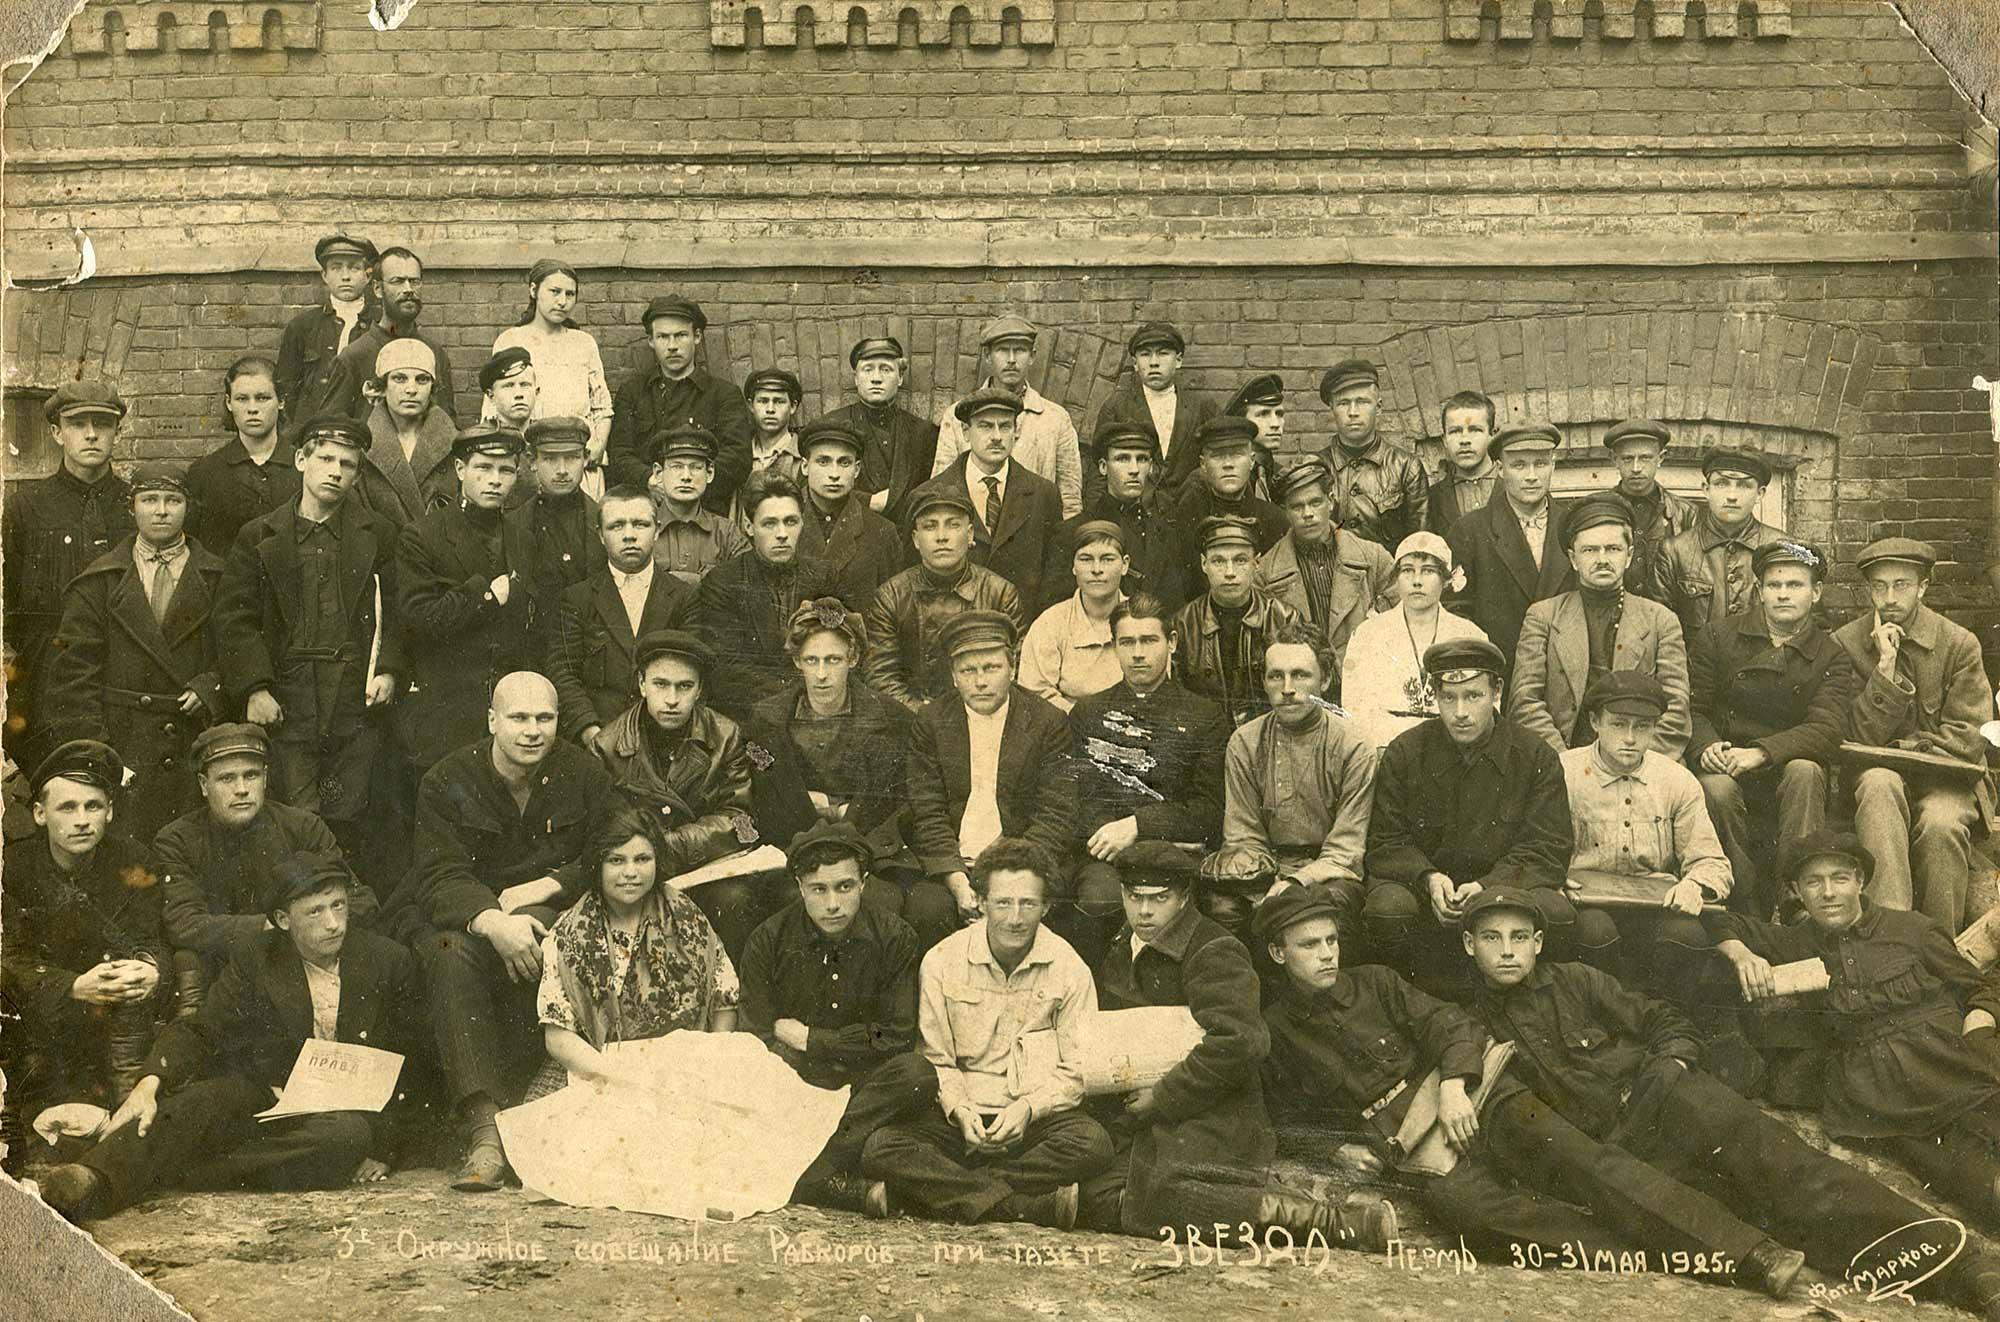 1925. 3-е Окружное совещание Рабкоров при газете Звезда. Пермь, 30-31 мая